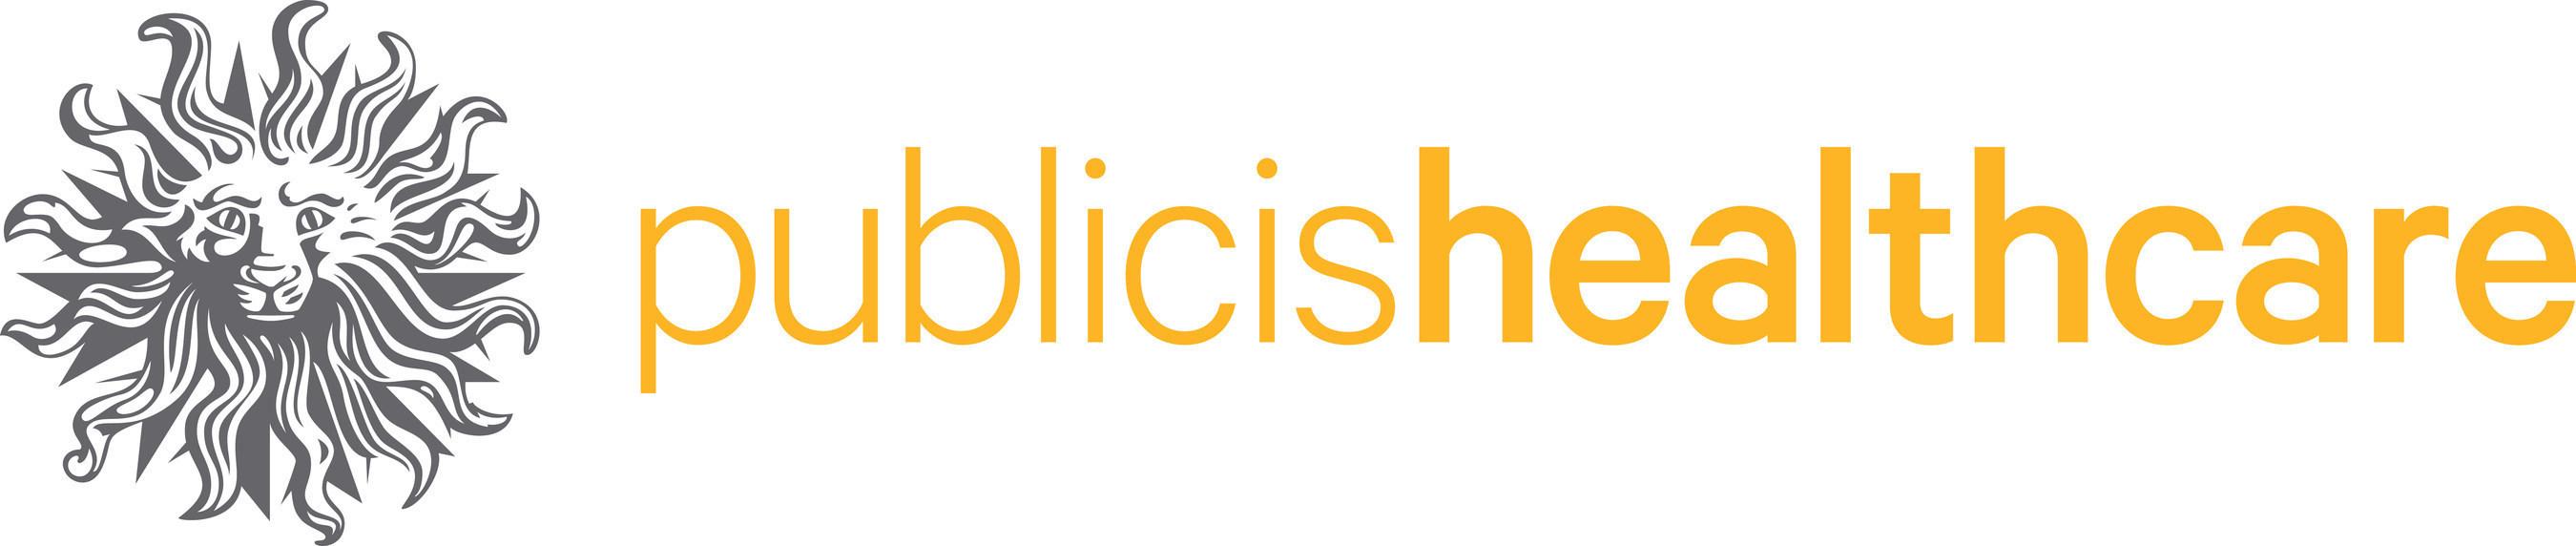 Publicis Healthcare Communications Group übernimmt PDIs Commercial Services-Geschäft